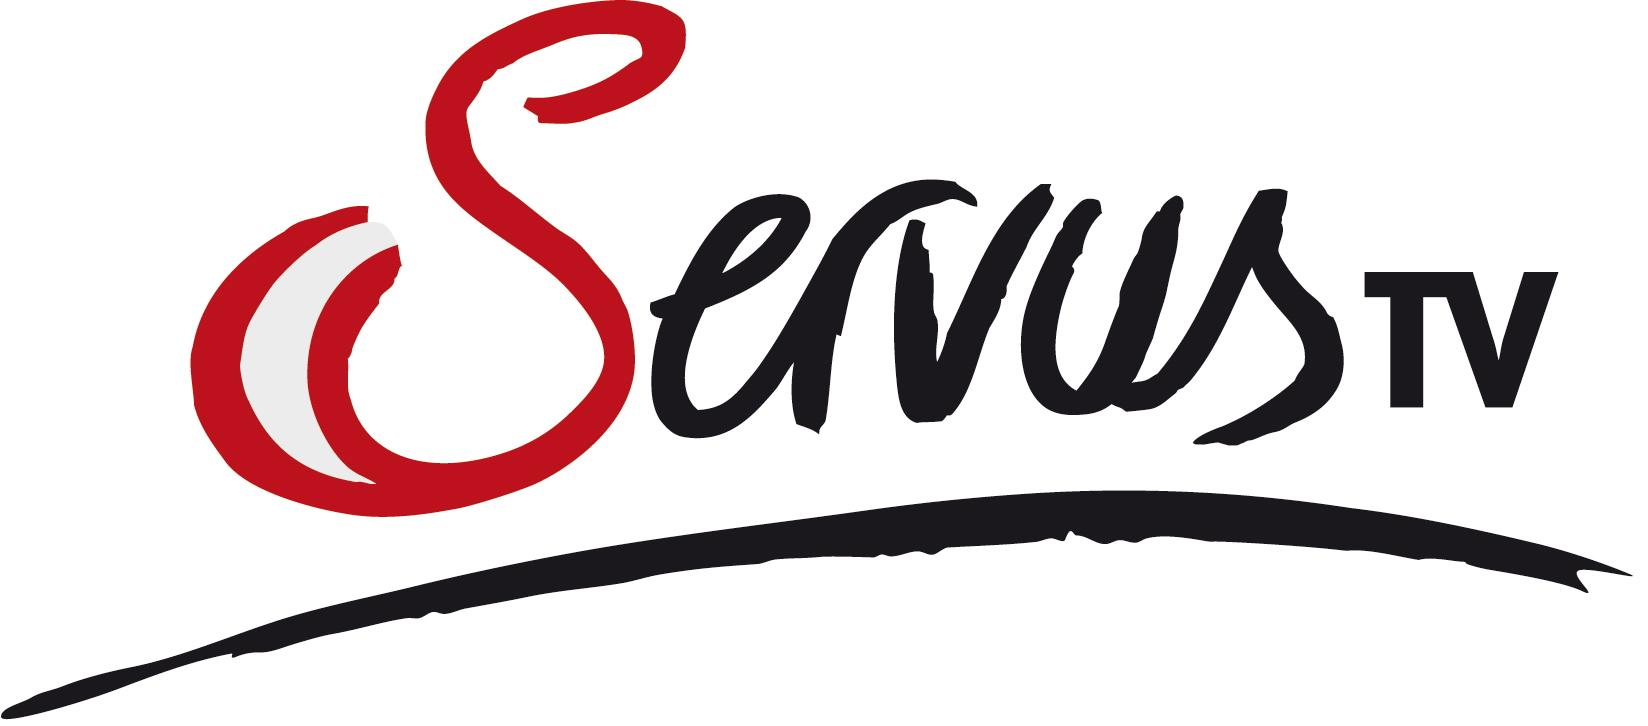 Der Sender der österreichischen Firma Red Bull heißt 'Servus TV'. Übersetzt heißt das Sklaven-Fernsehen